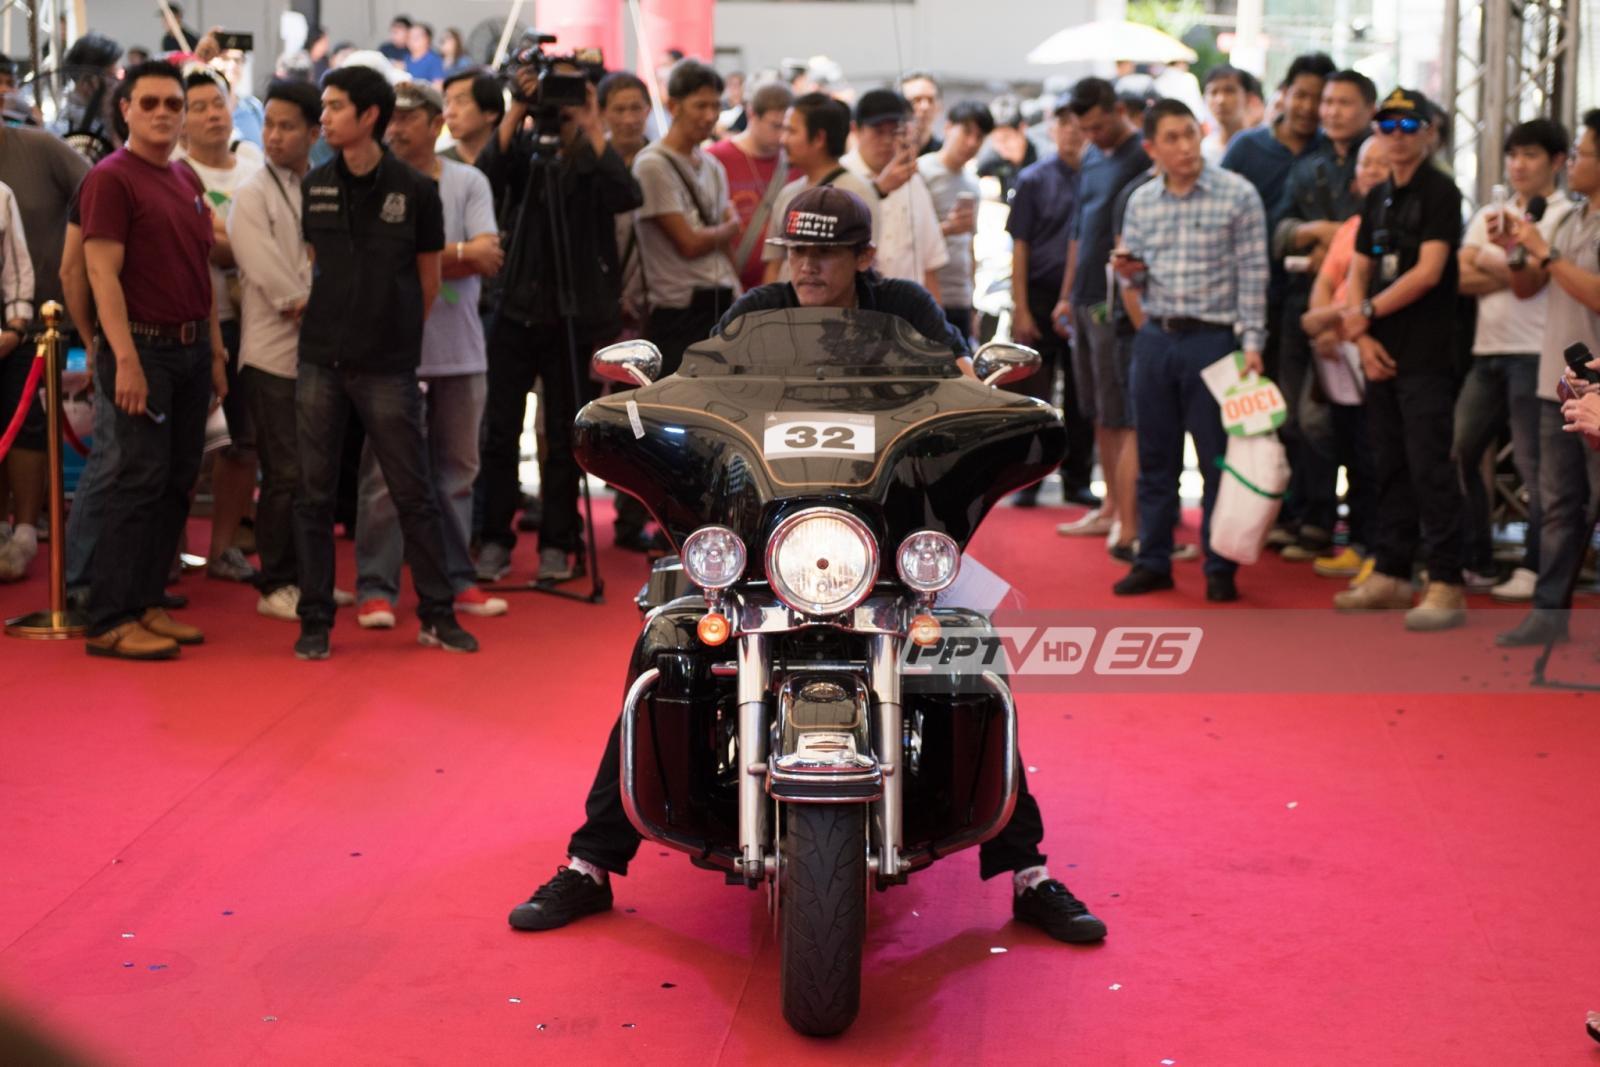 กรมศุลฯจัดประมูลรถหรู-จักรยานยนต์ 300 คัน